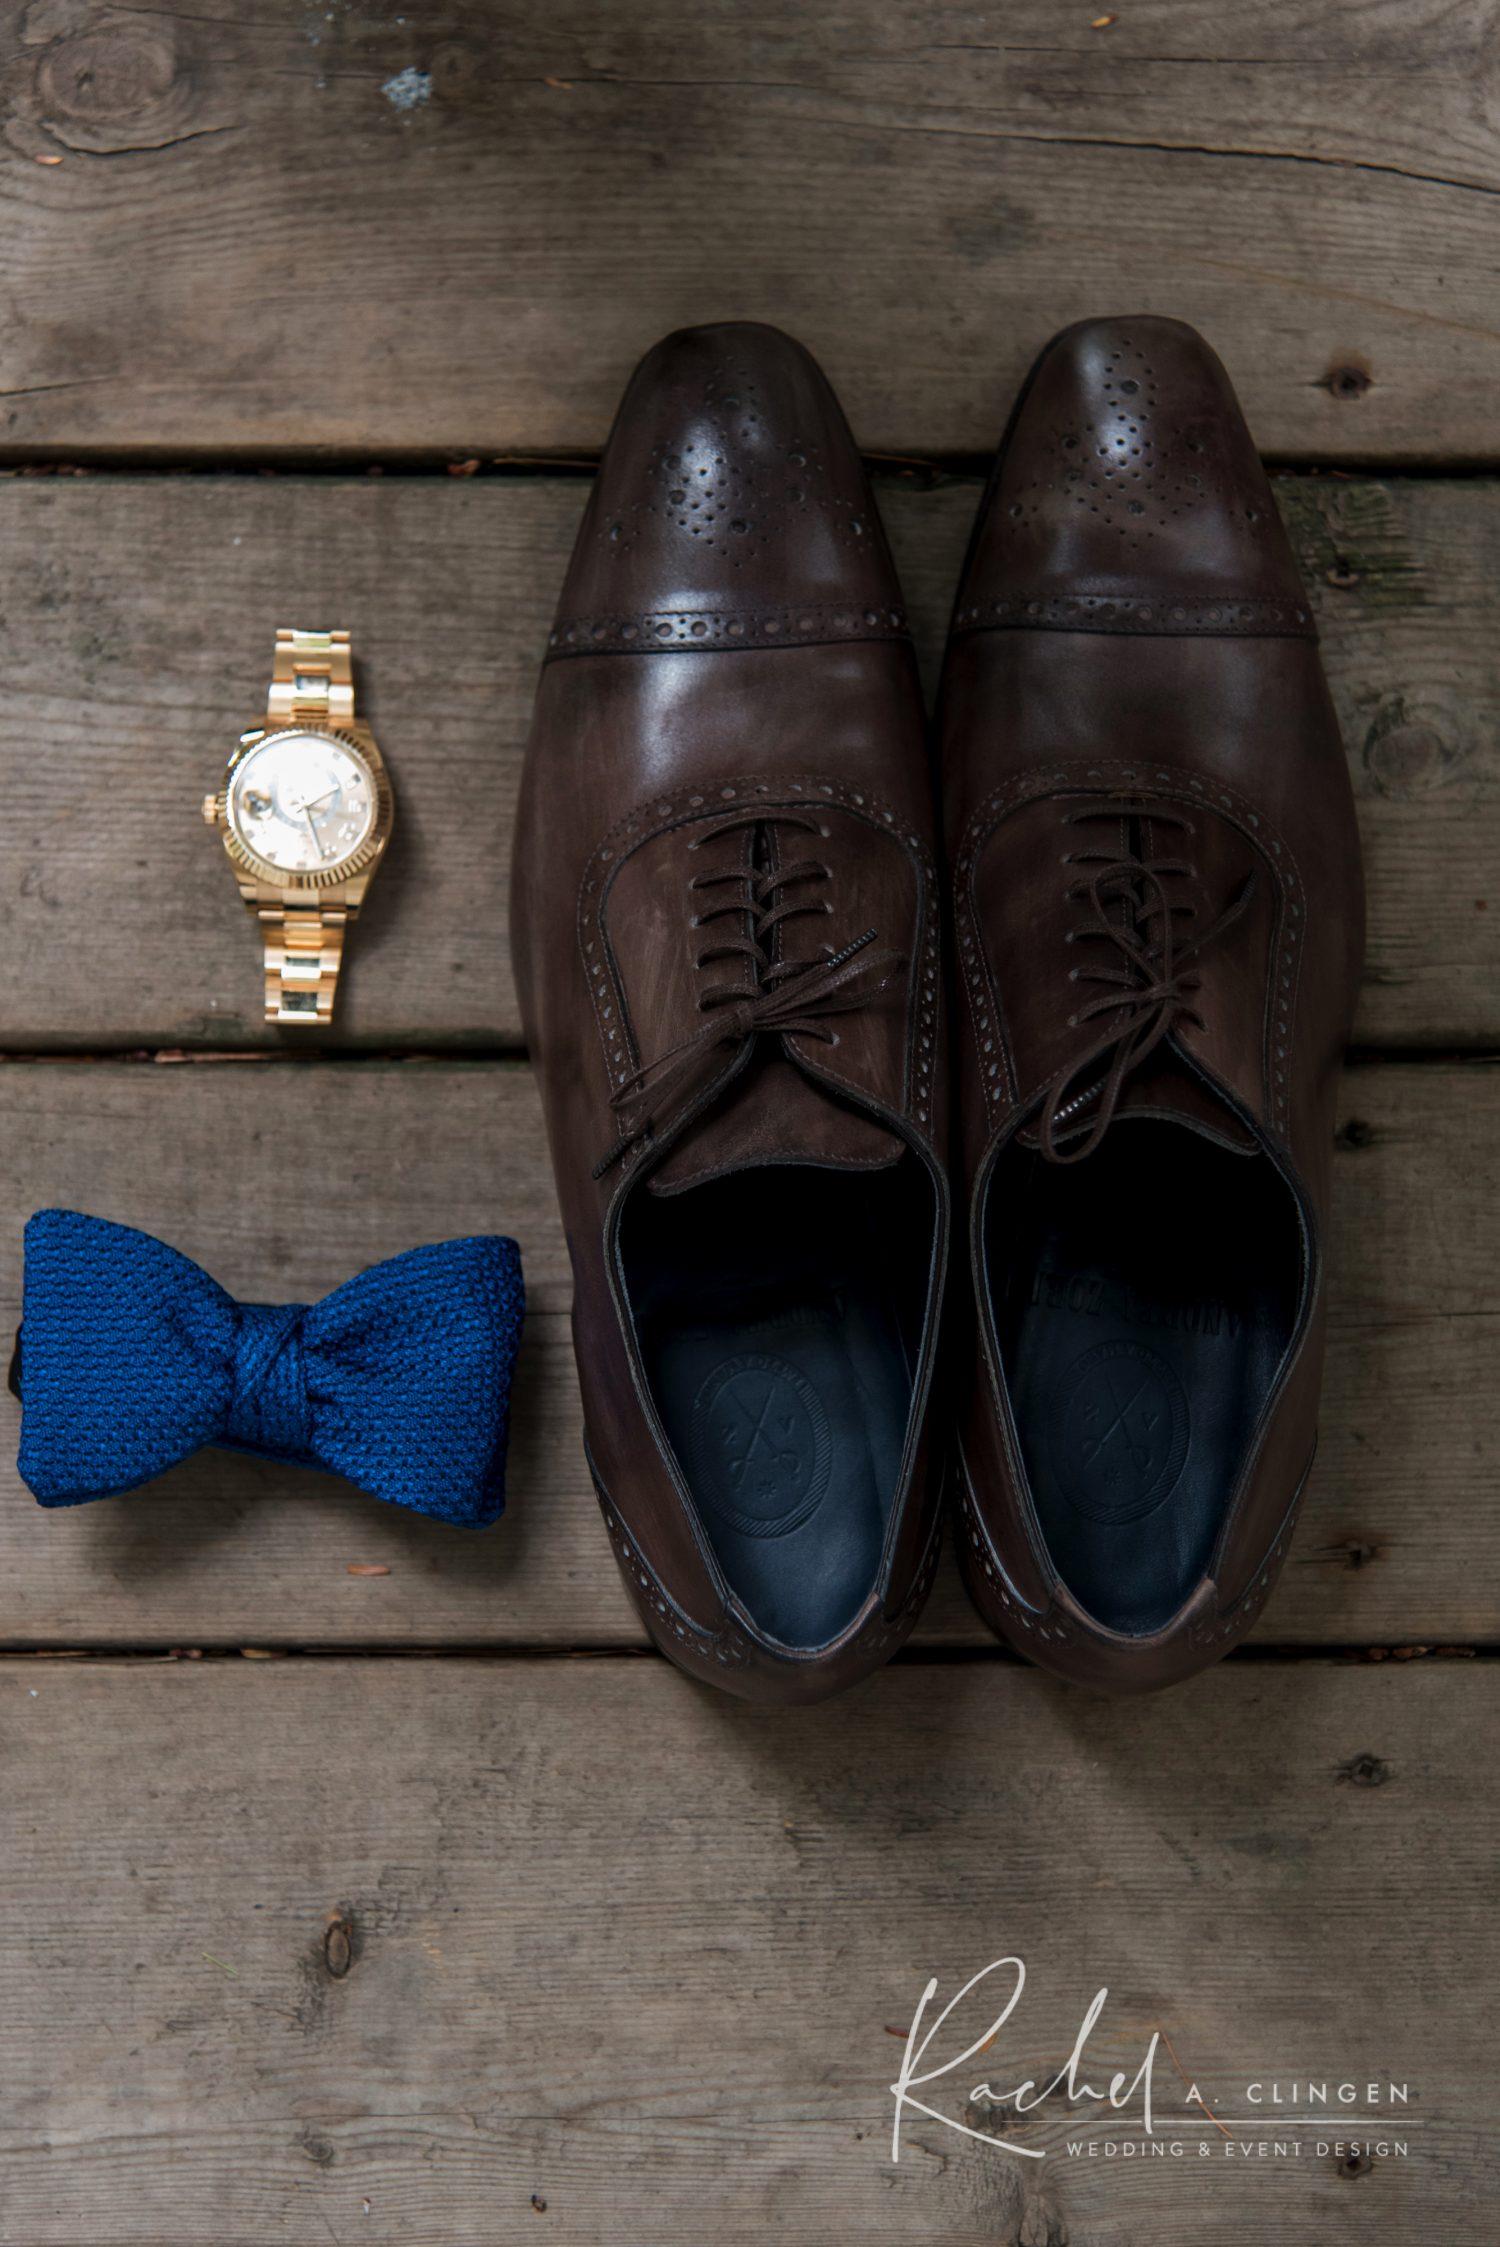 grooms shoes imp e1550003879975